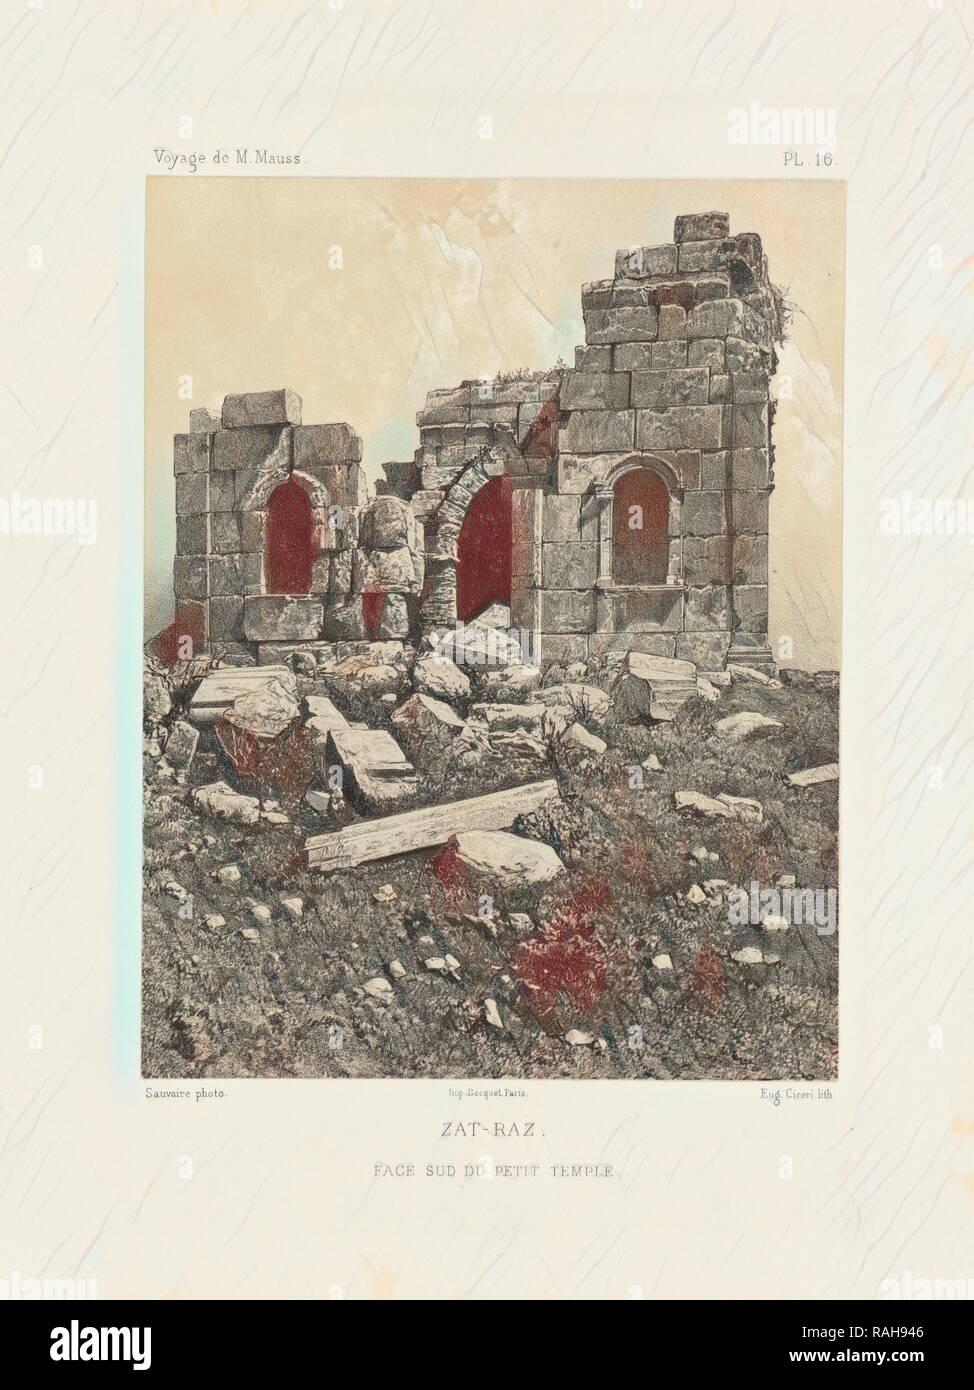 Zat-raz, Voyage d'exploration à la mer Morte, à Petra, et sur la rive gauche du Jourdain, Albert, Honoré Paul Joseph reimagined - Stock Image